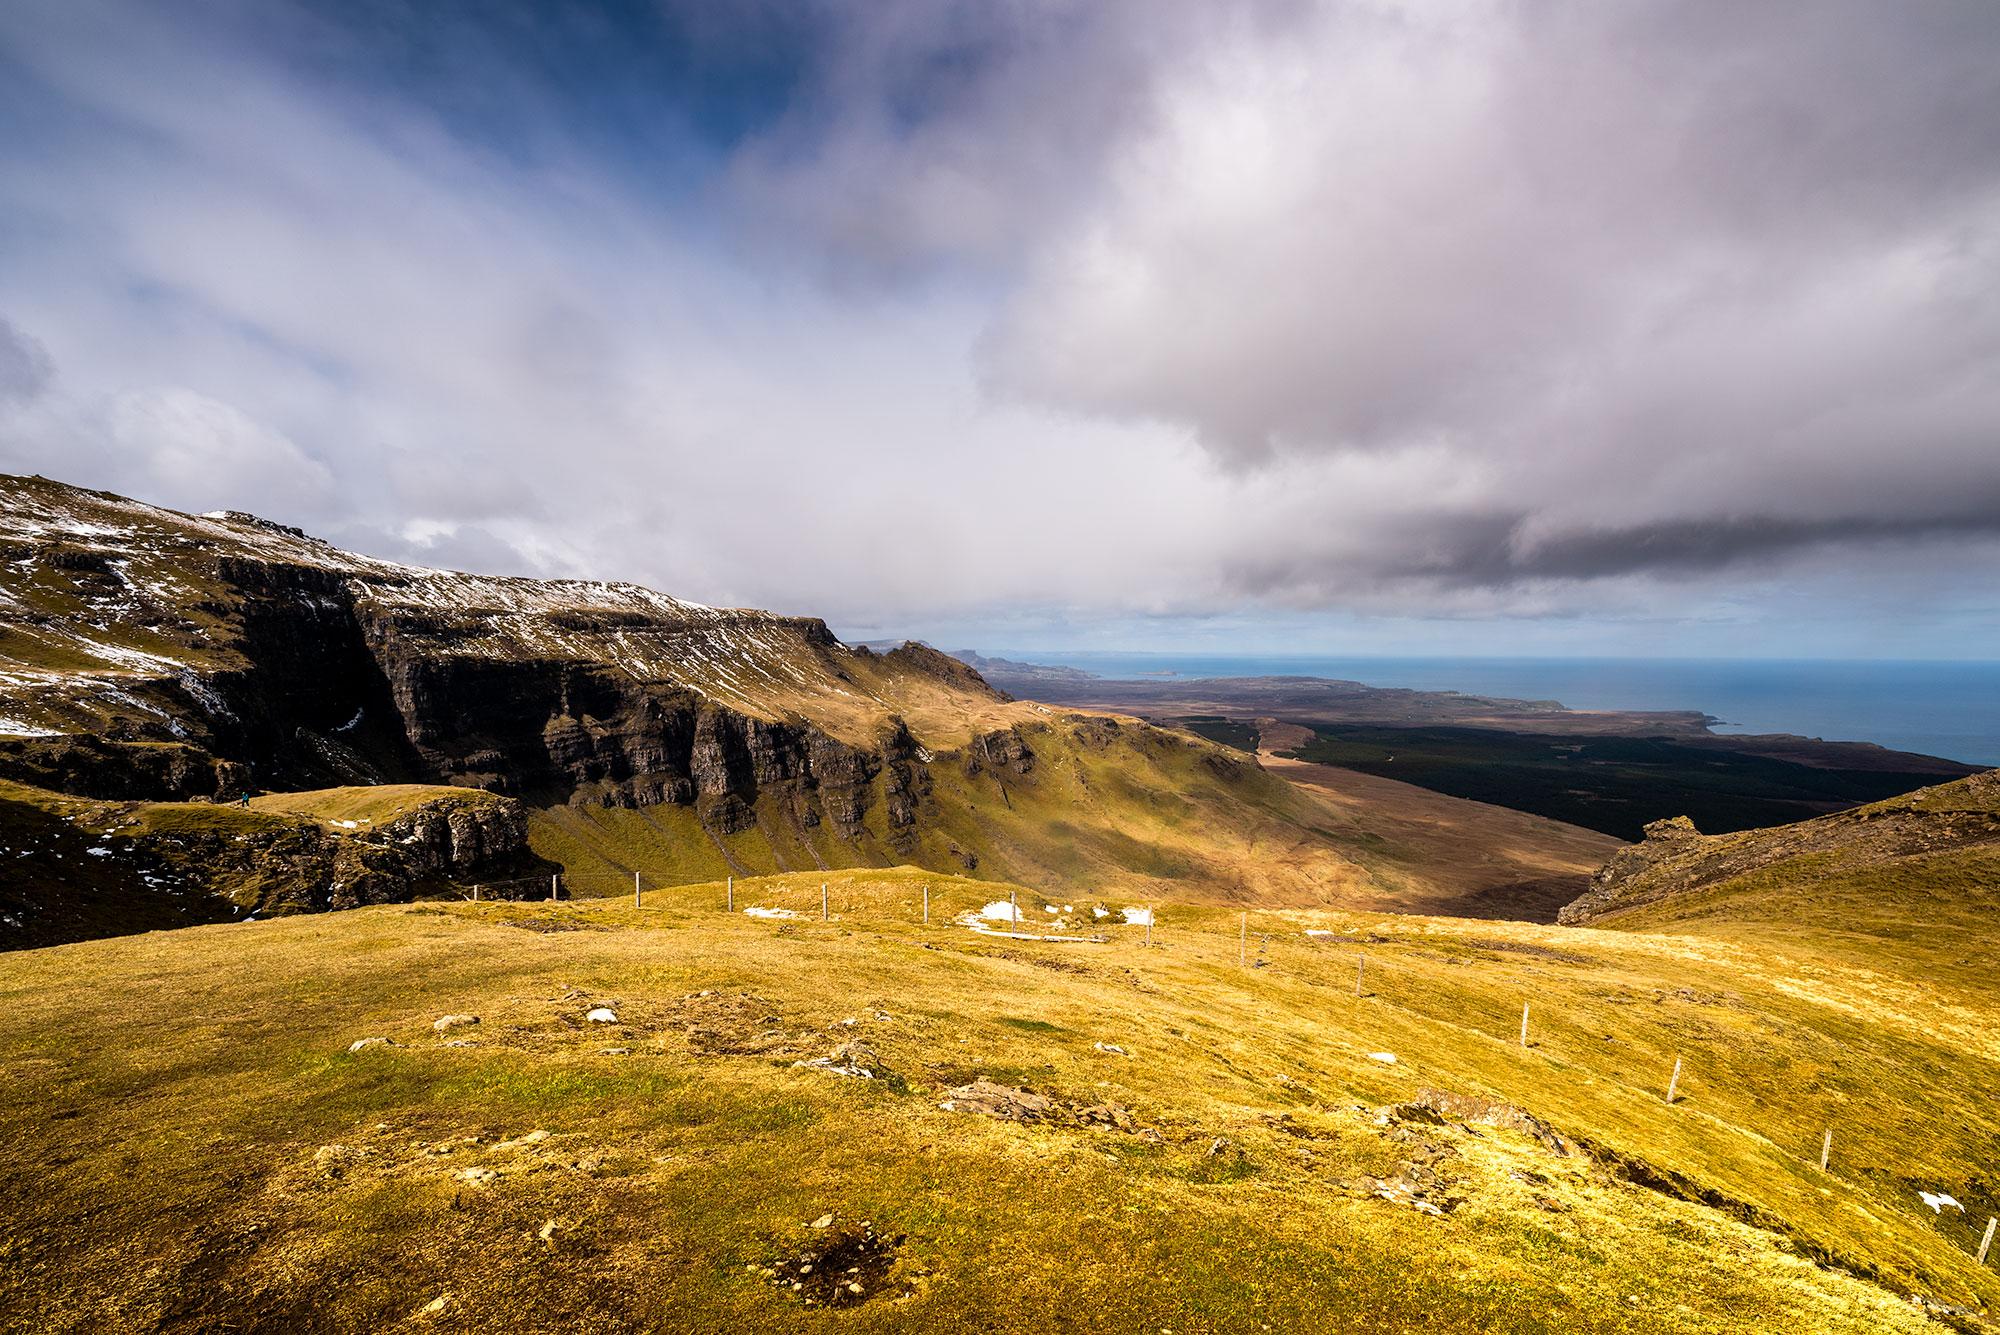 Paysage sans arbre de l'Île de Skye.